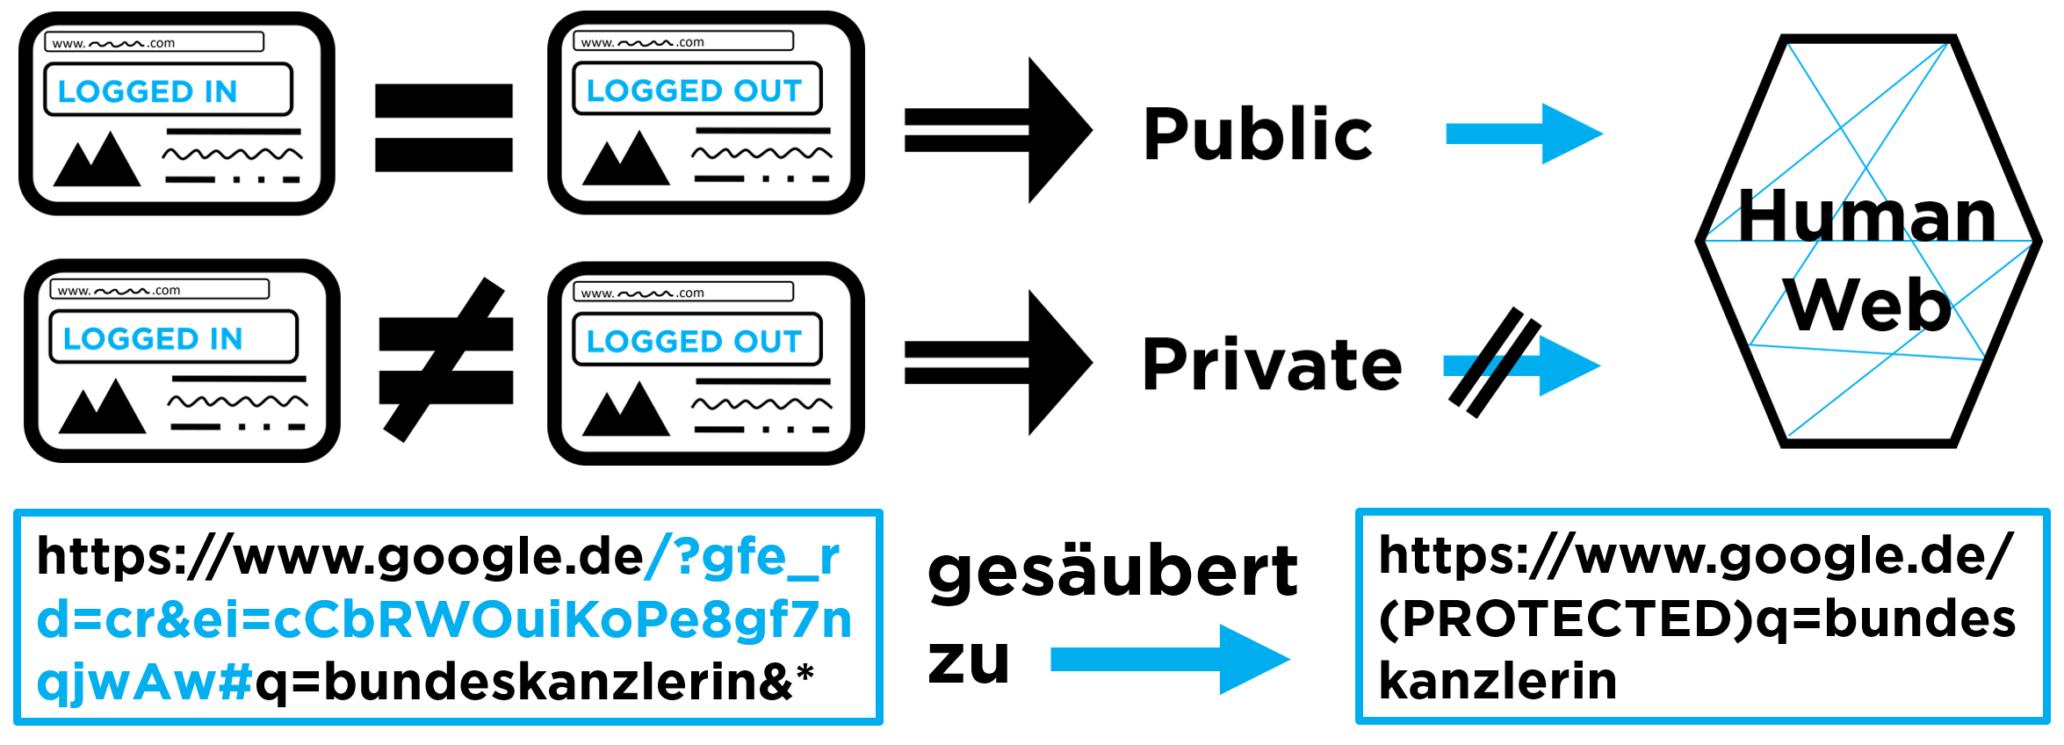 """Nur Daten von URLs, die ein- sowie ausgeloggt den gleichen Inhalt haben, werden als """"öffentlich"""" erkannt und an das Human Web gesendet. URL-Teile die persönliche Informationen enthalten könnten, werden vor der Übertragung entfernt."""